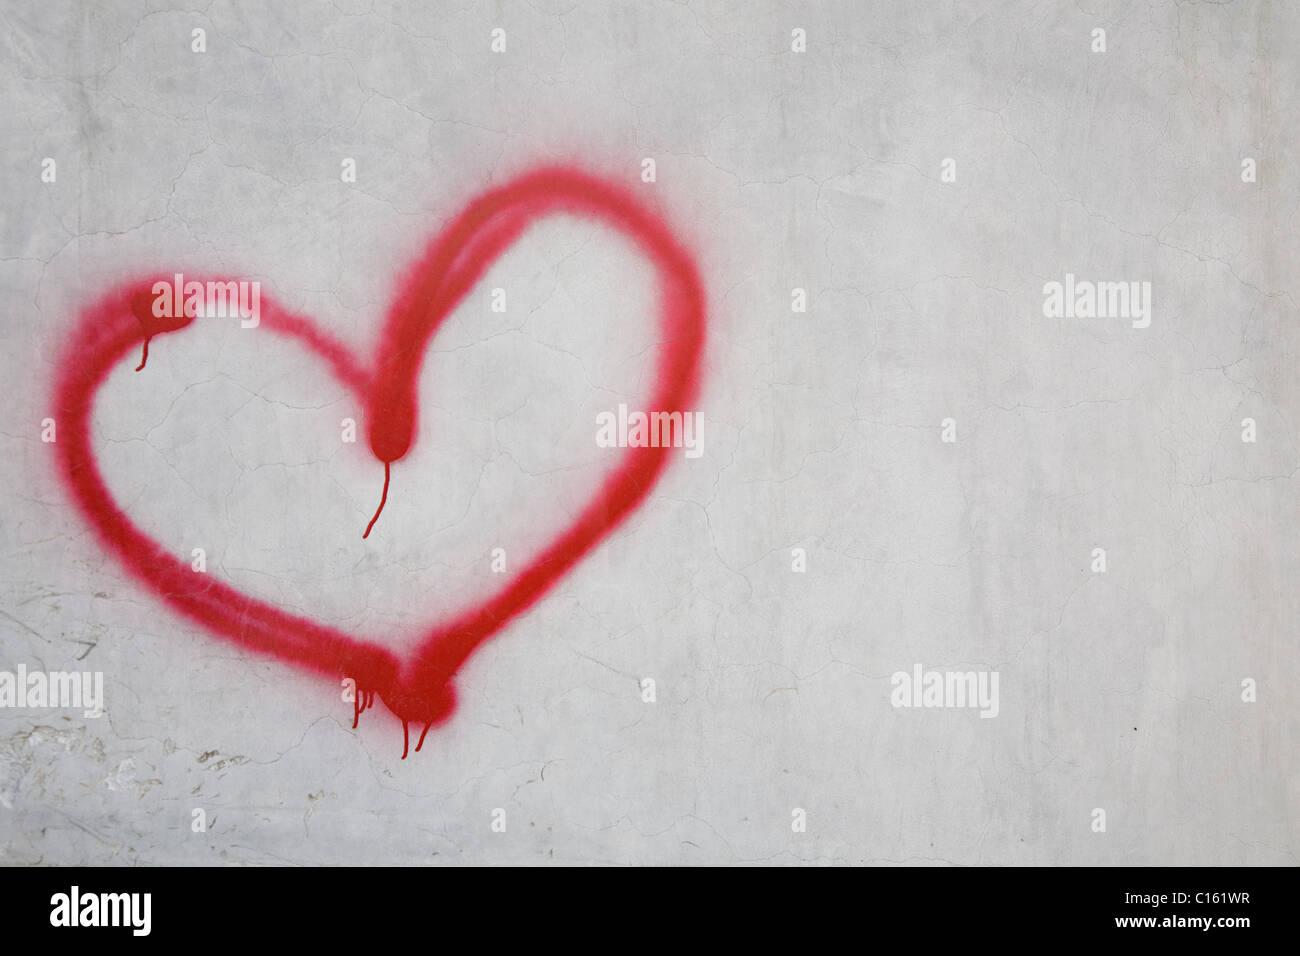 Cuore rosso forma sulla parete bianca Immagini Stock